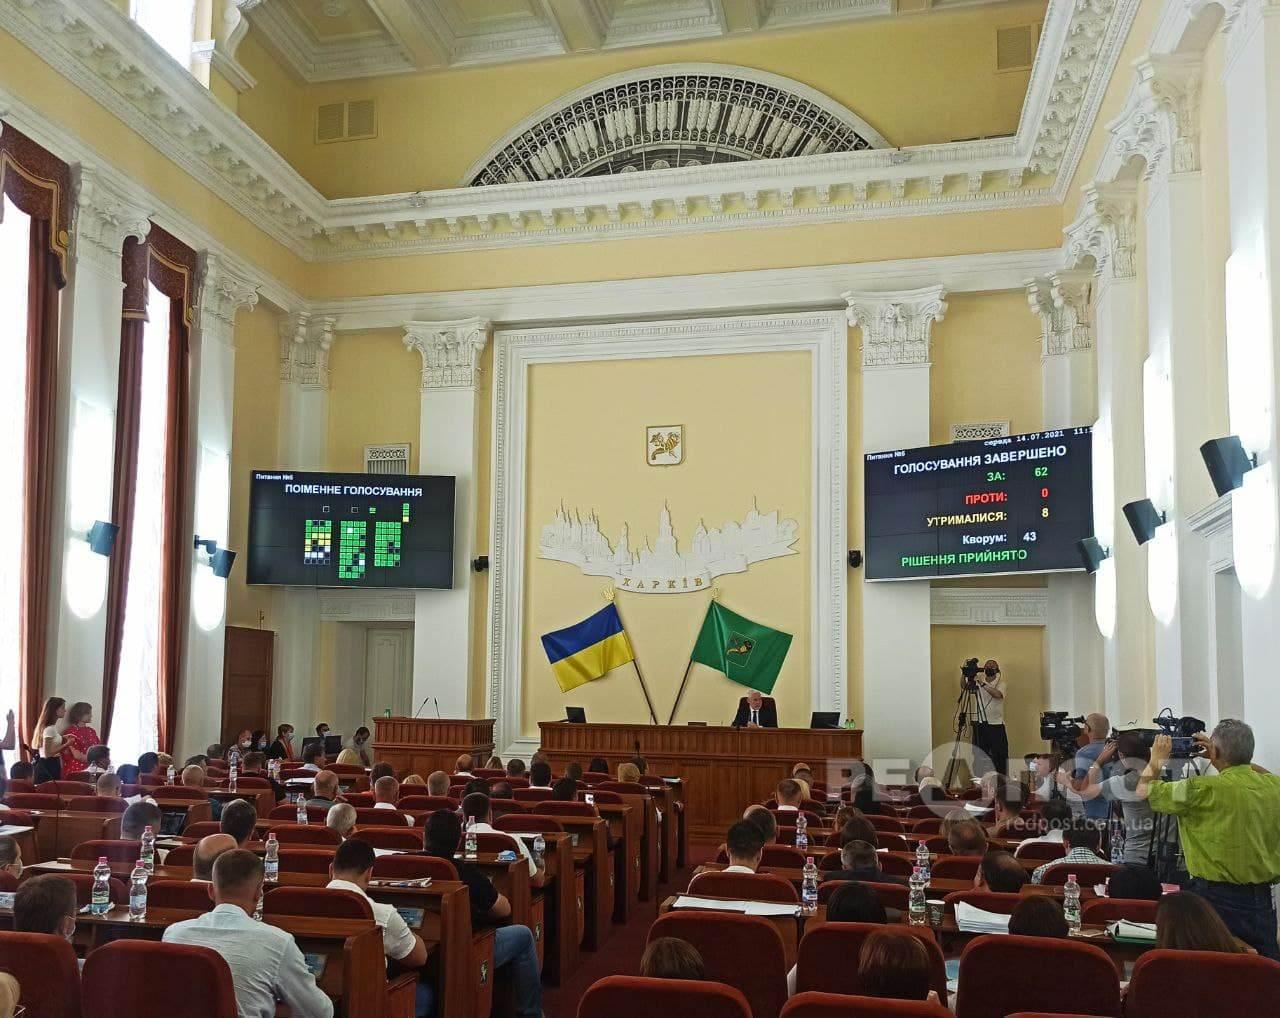 еннадию Кернесу присвоили звание почетного гражданина Города Харькова посмертно